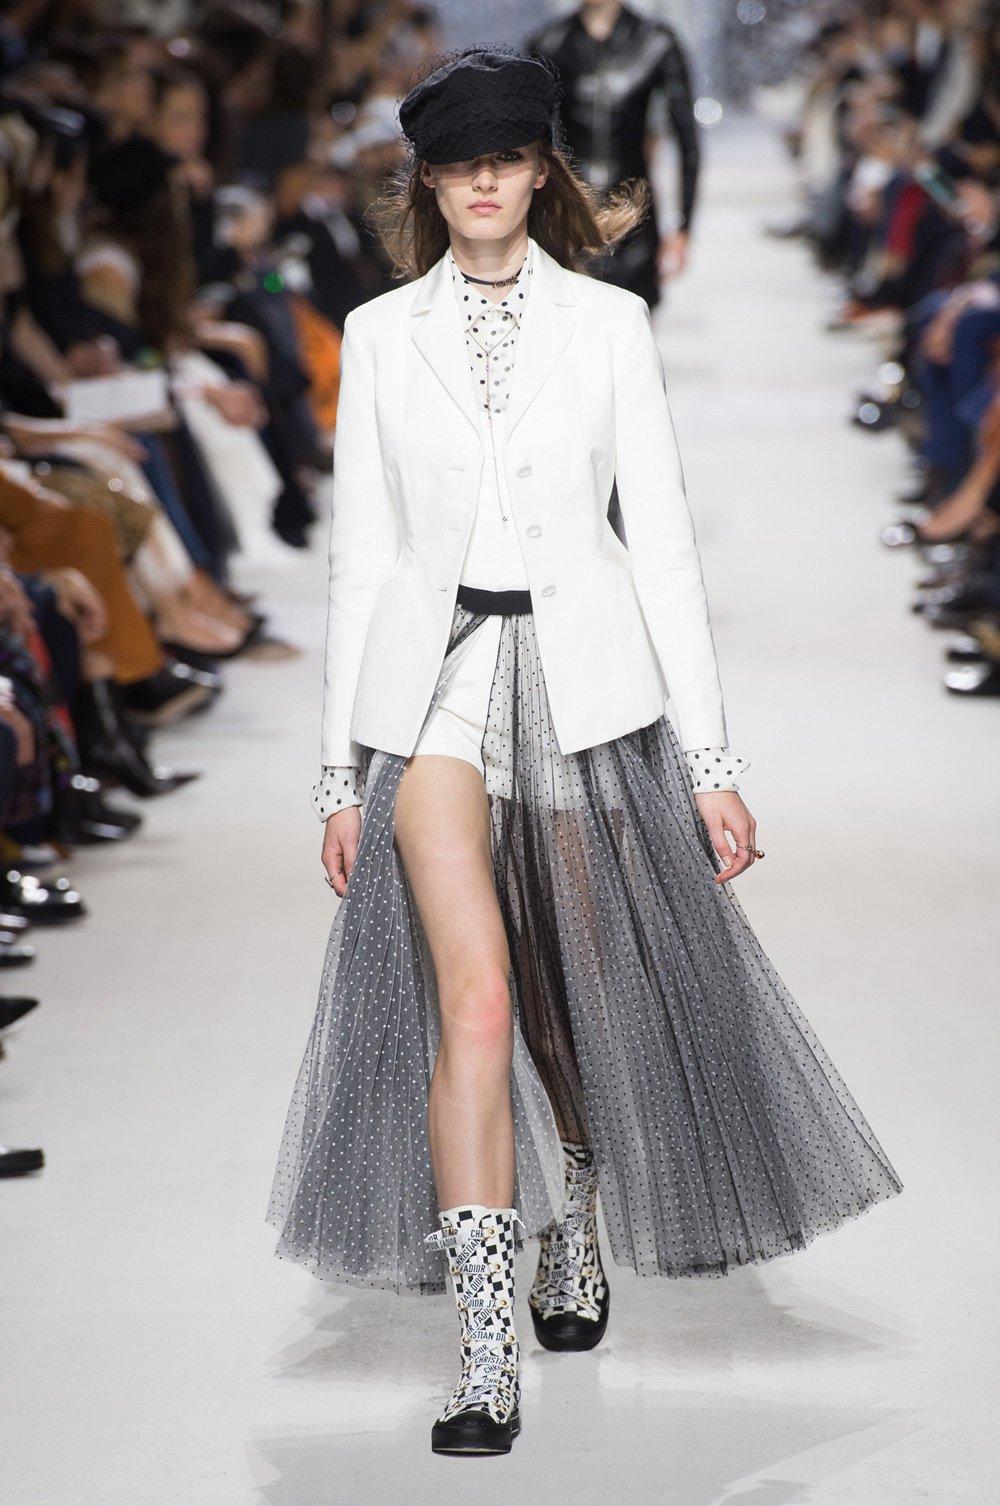 Christian Dior весна лето 2018 белый пиджак